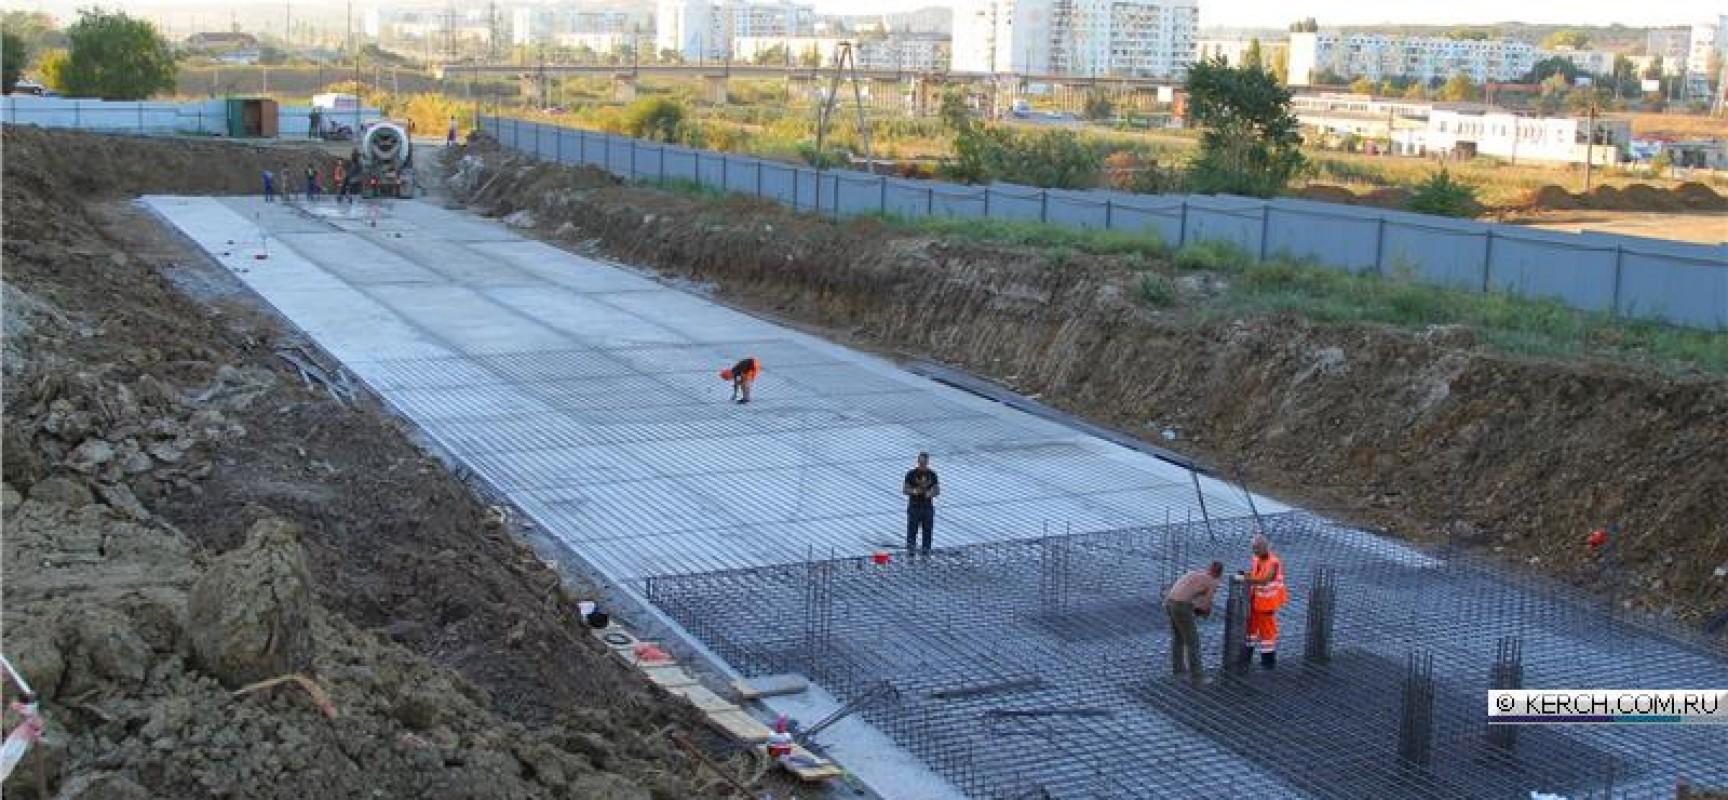 Жителей Цементной слободки пригласили их посмотреть как проходит процесс строительства нового жилья